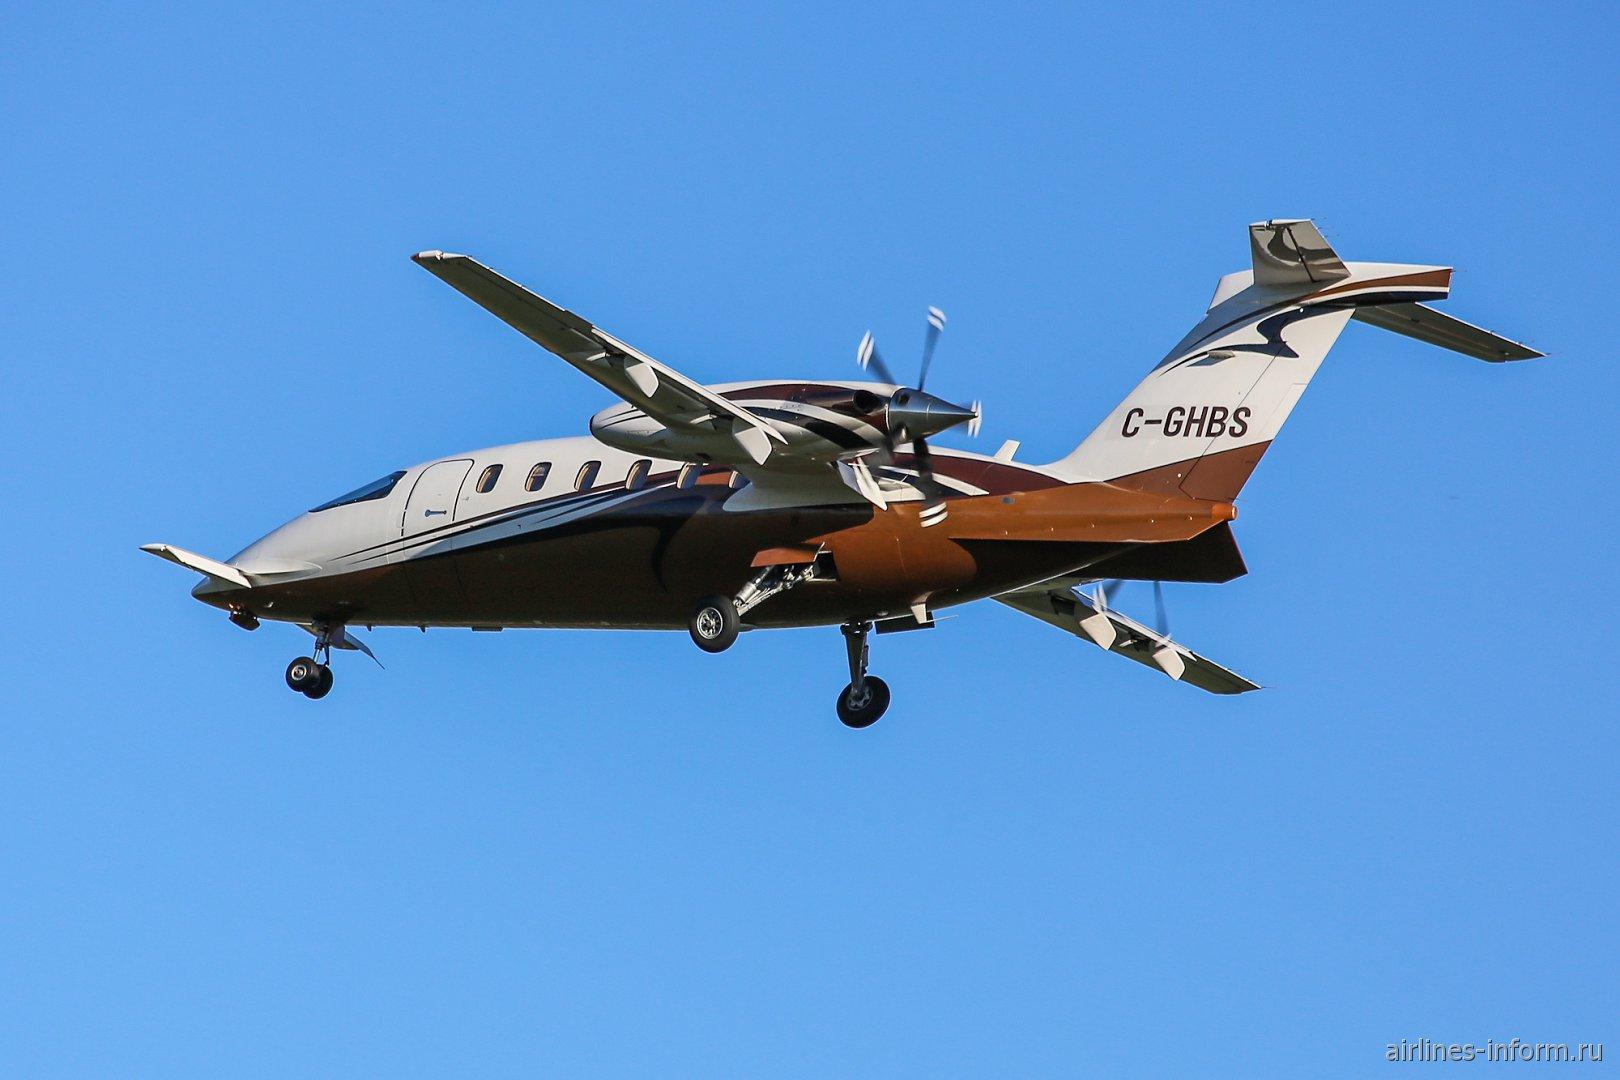 Самолет Пьяджо-180 Аванти с номером C-GHBS